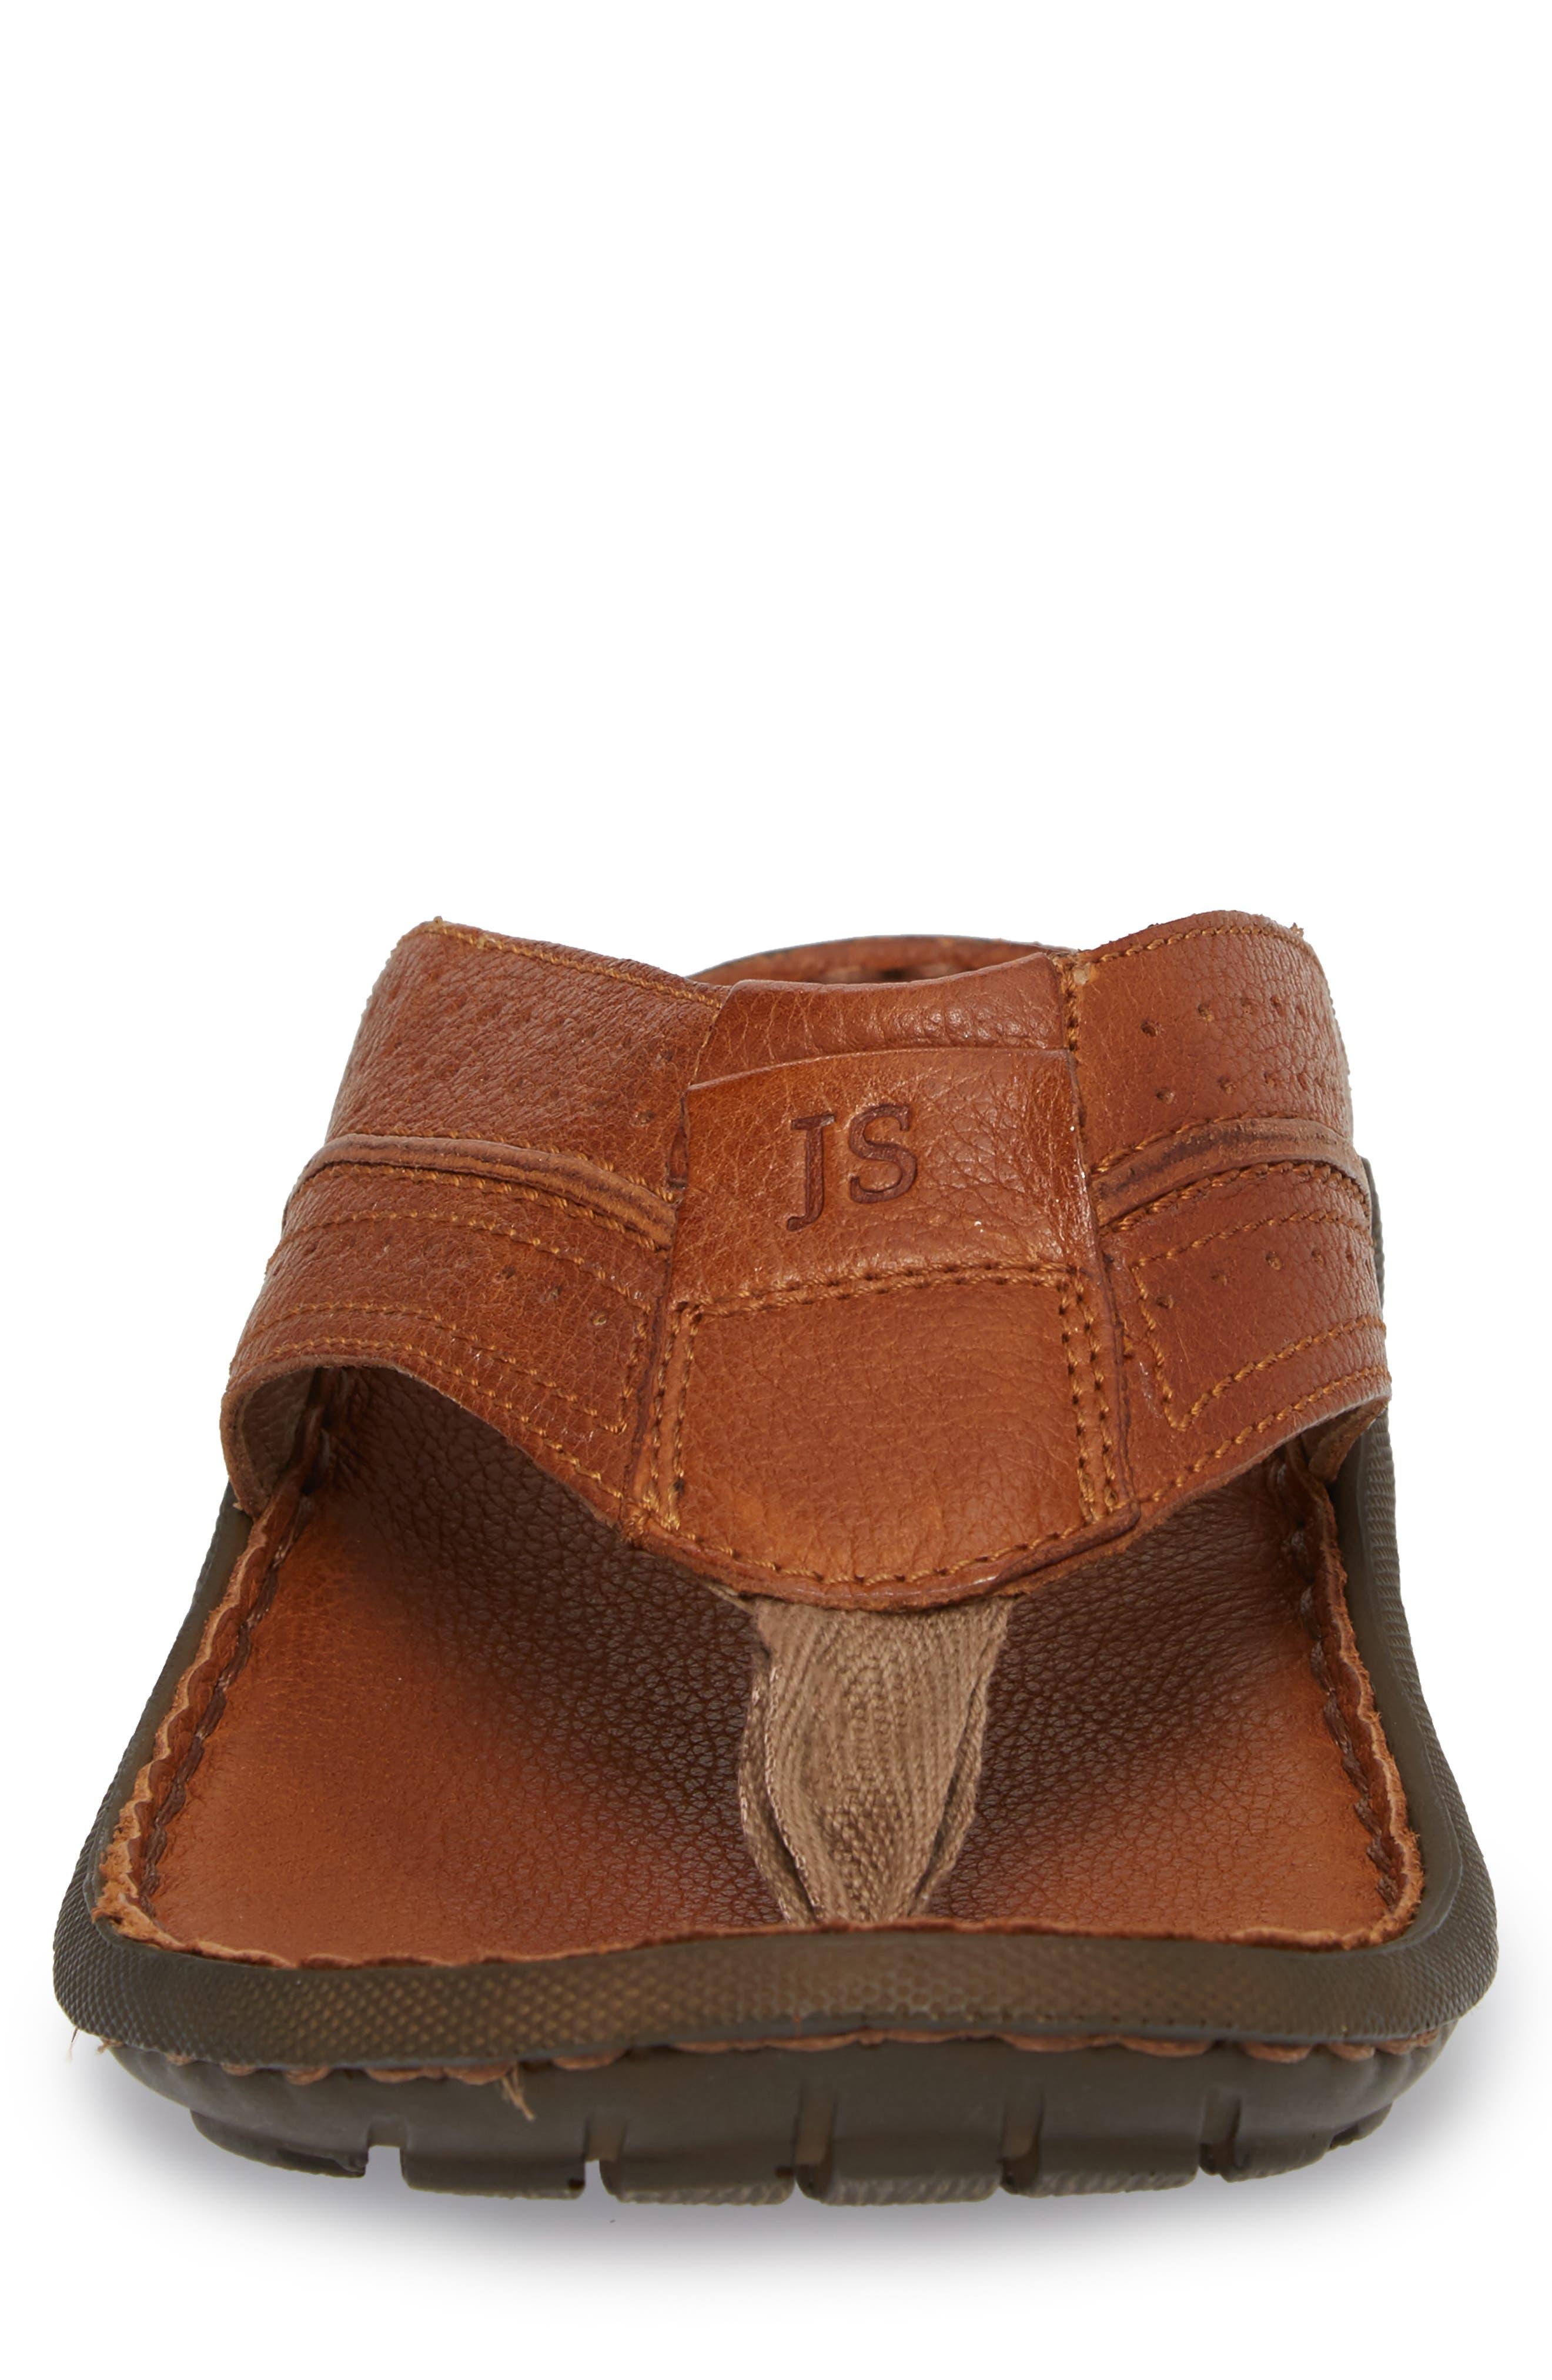 Logan Flip Flop,                             Alternate thumbnail 4, color,                             Brown Leather